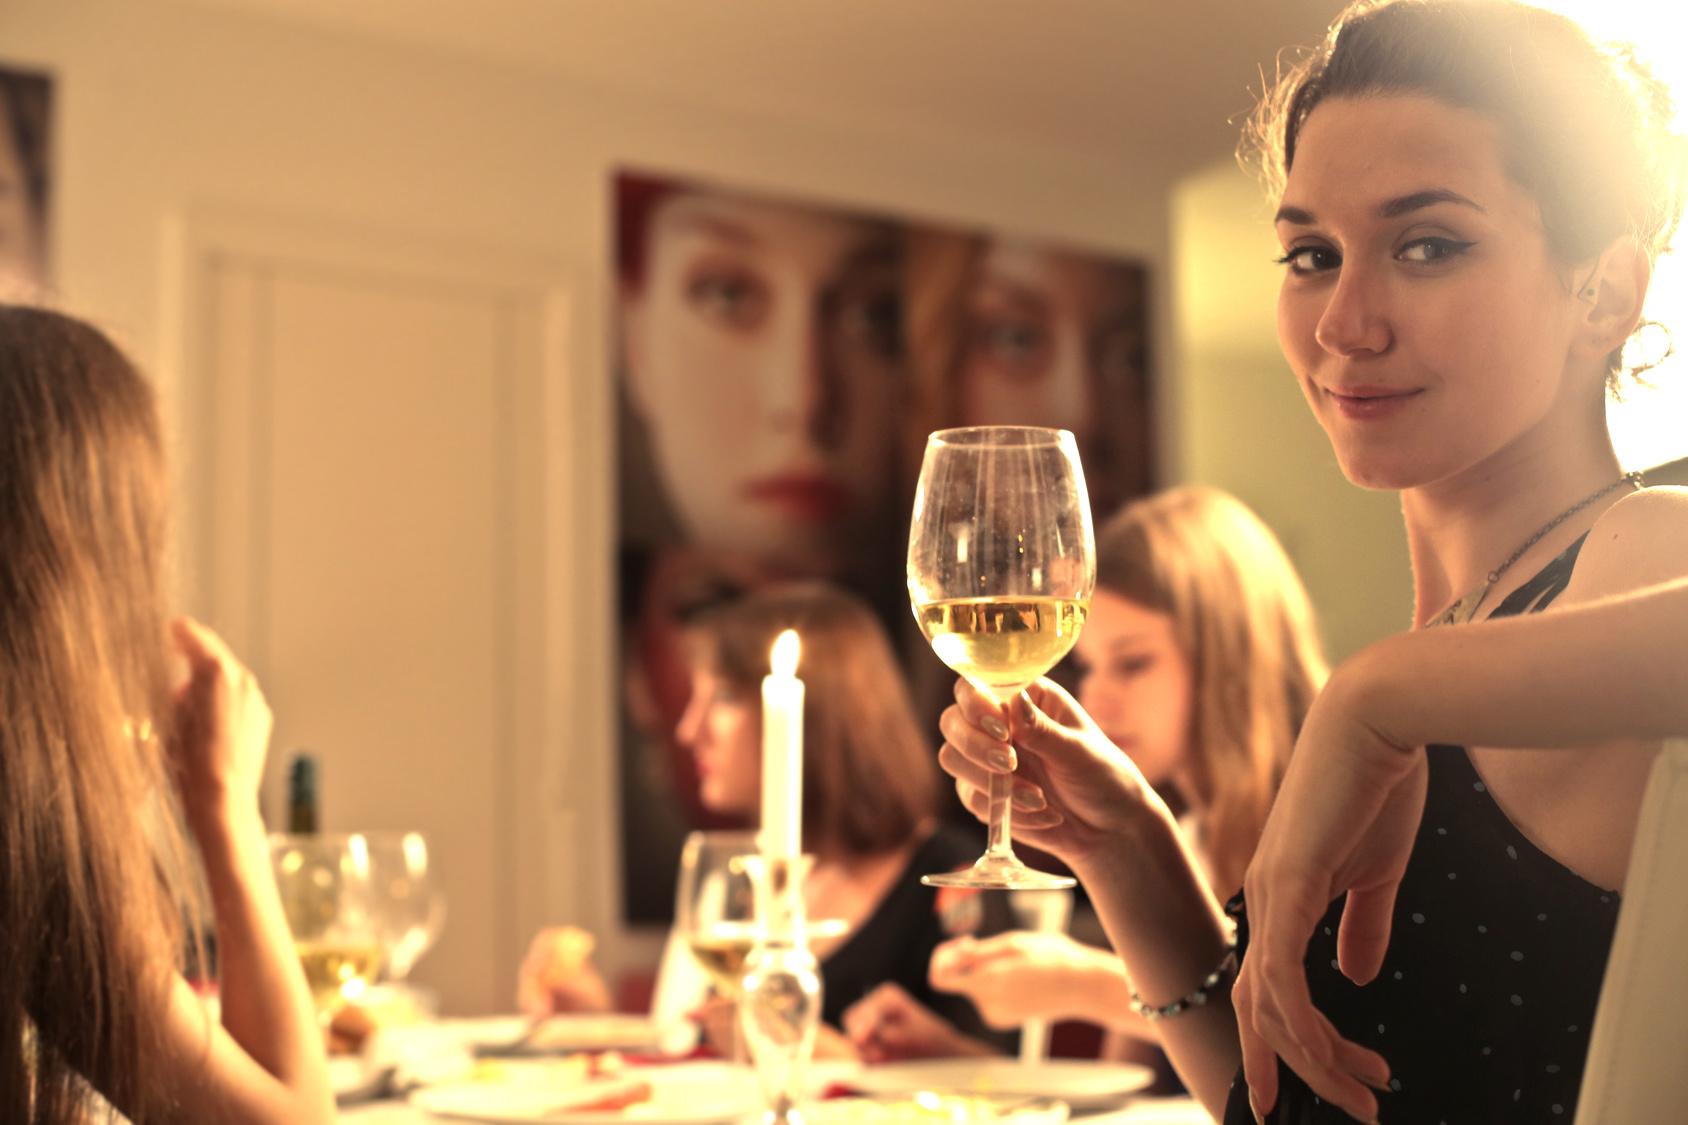 Alcol, donna che beve un bicchiere di vino con dietro una tavola imbandita